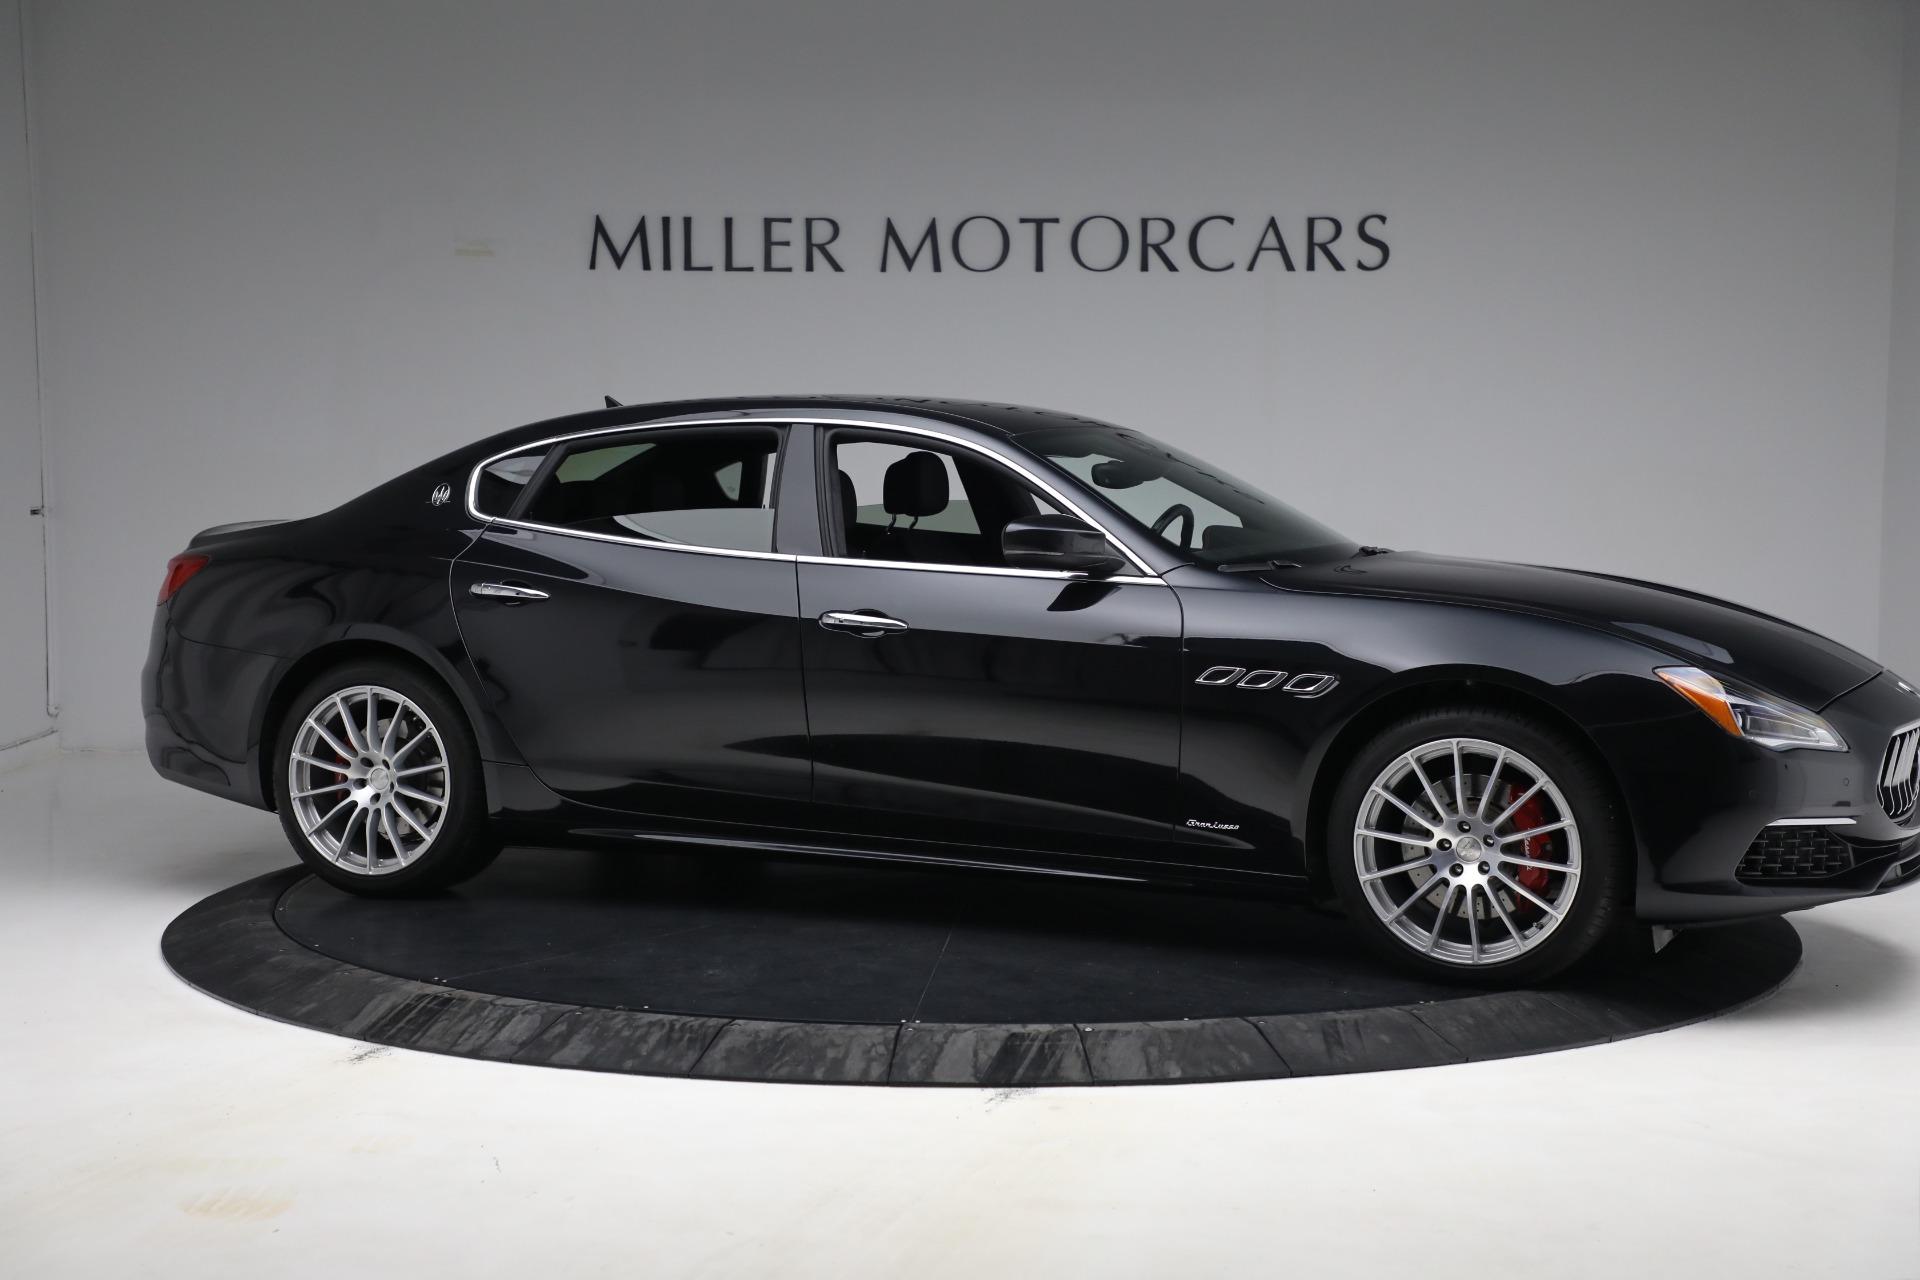 New 2019 Maserati Quattroporte S Q4 GranLusso For Sale In Greenwich, CT. Alfa Romeo of Greenwich, M2197 2619_p10